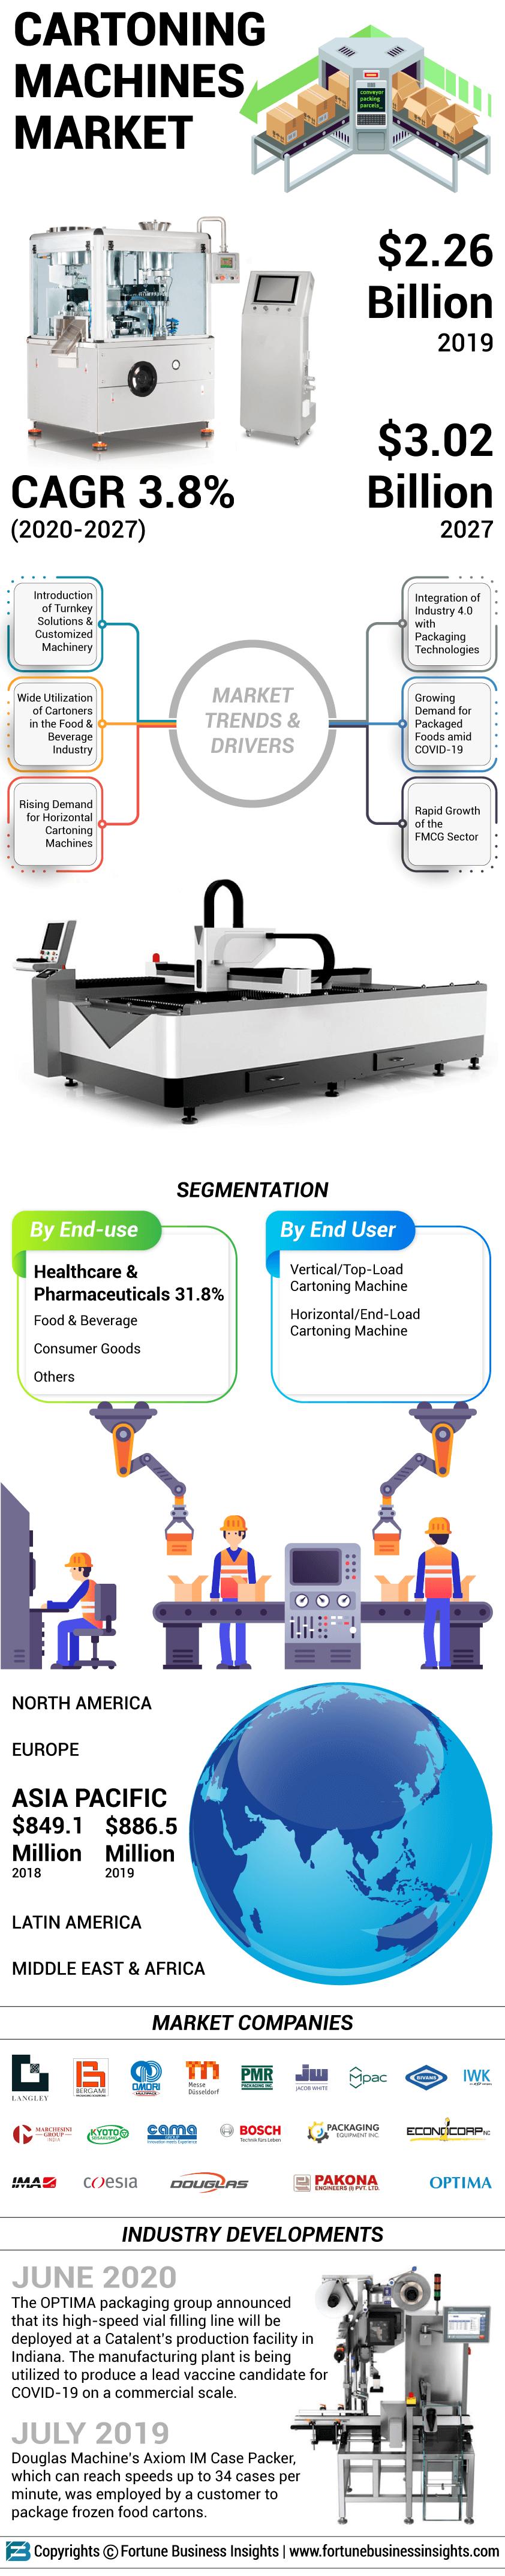 Cartoning Machines Market